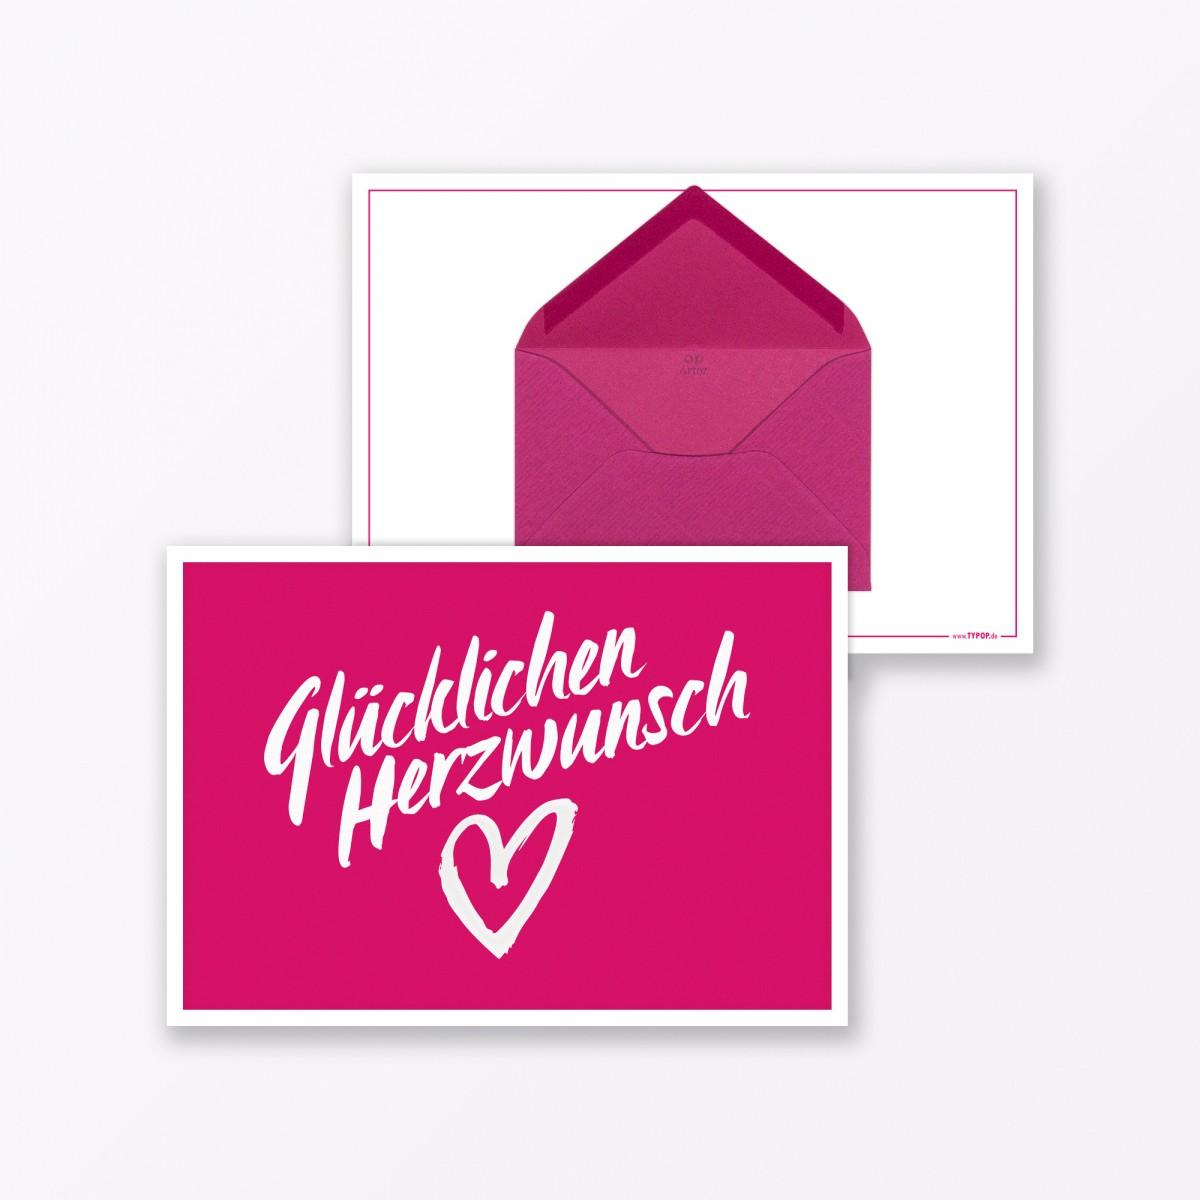 """TYPOP Design GLÜCKWUNSCHKARTE 3-teiliges Set """"Glücklichen Herzwunsch"""" in Pink inkl. Umschlag"""